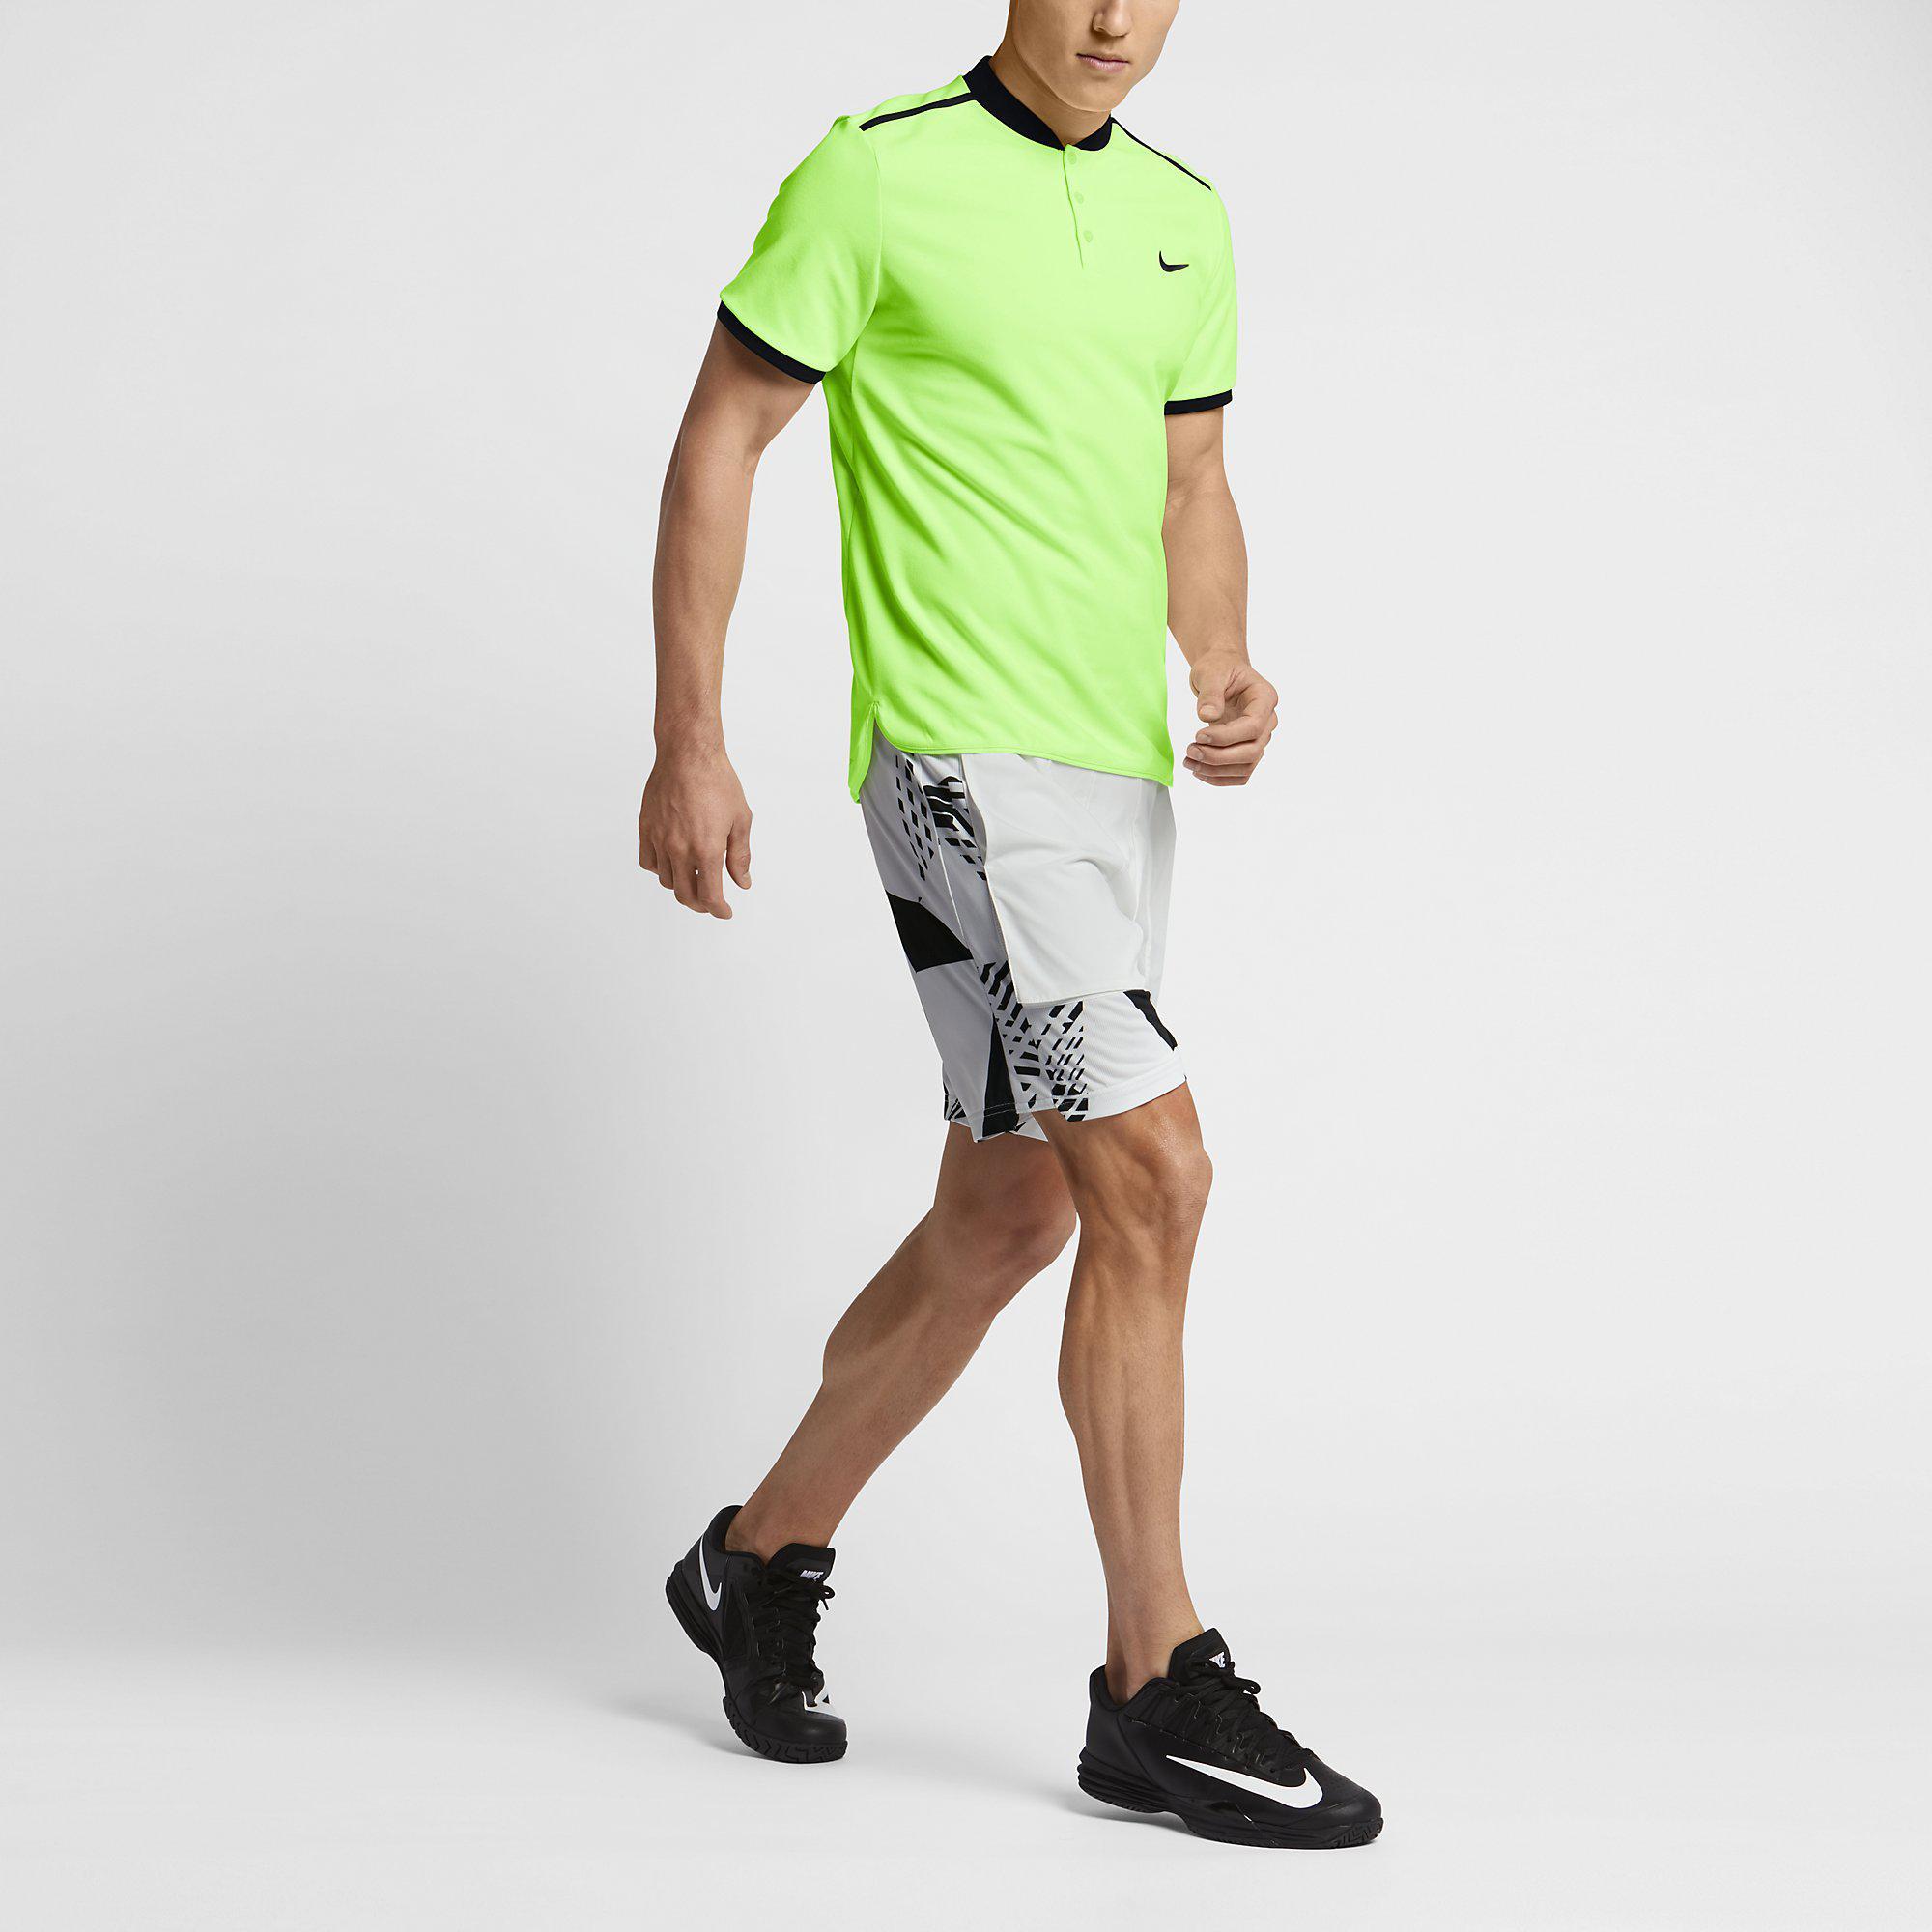 Nike Mens Dry 9 Inch Tennis Shorts - White/Black - Tennisnuts.com